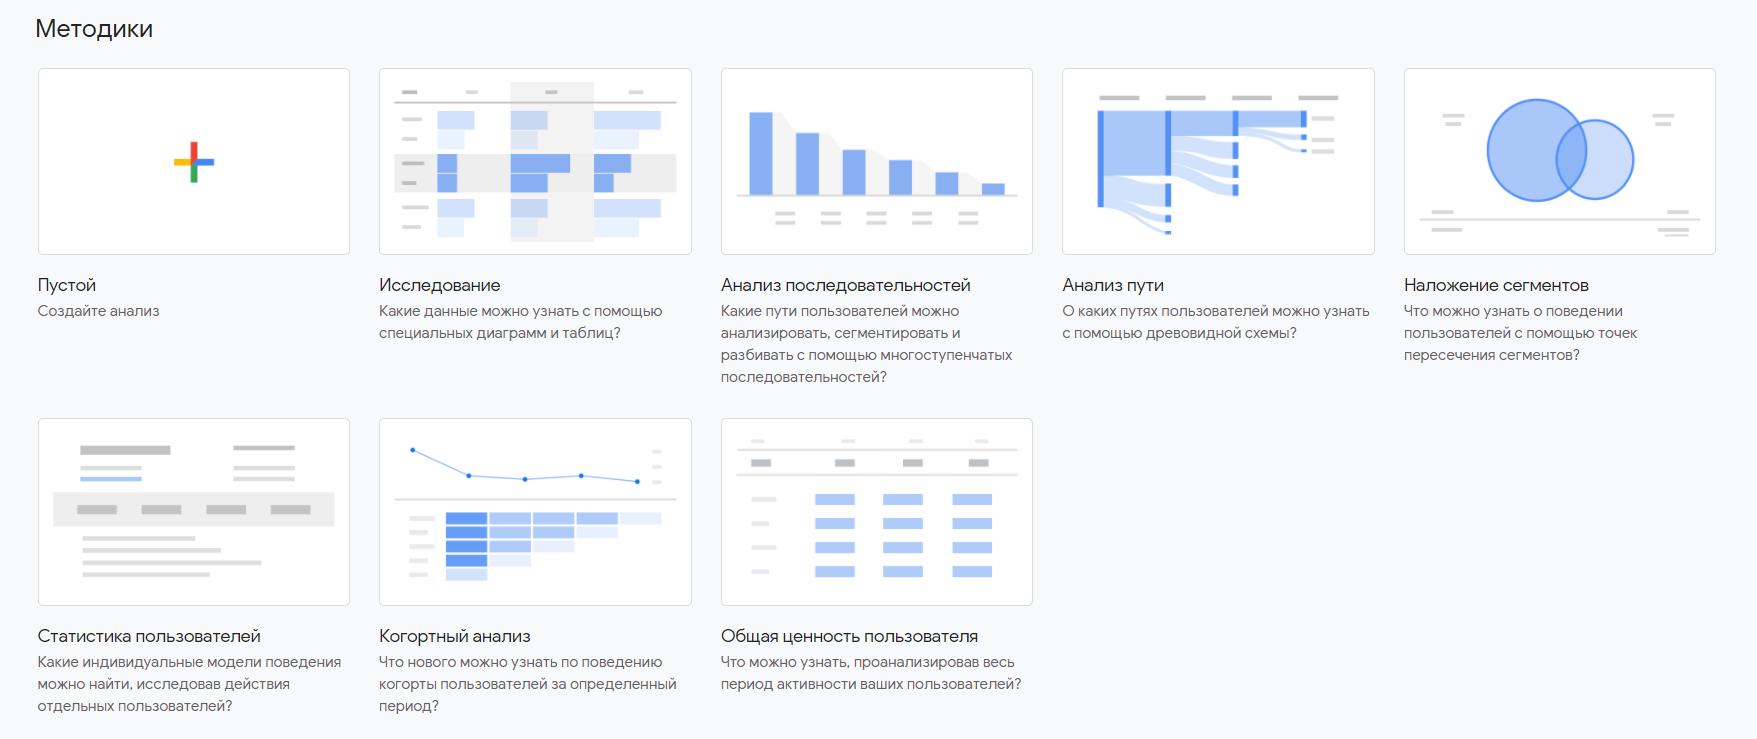 Методики в Google Analytics 4